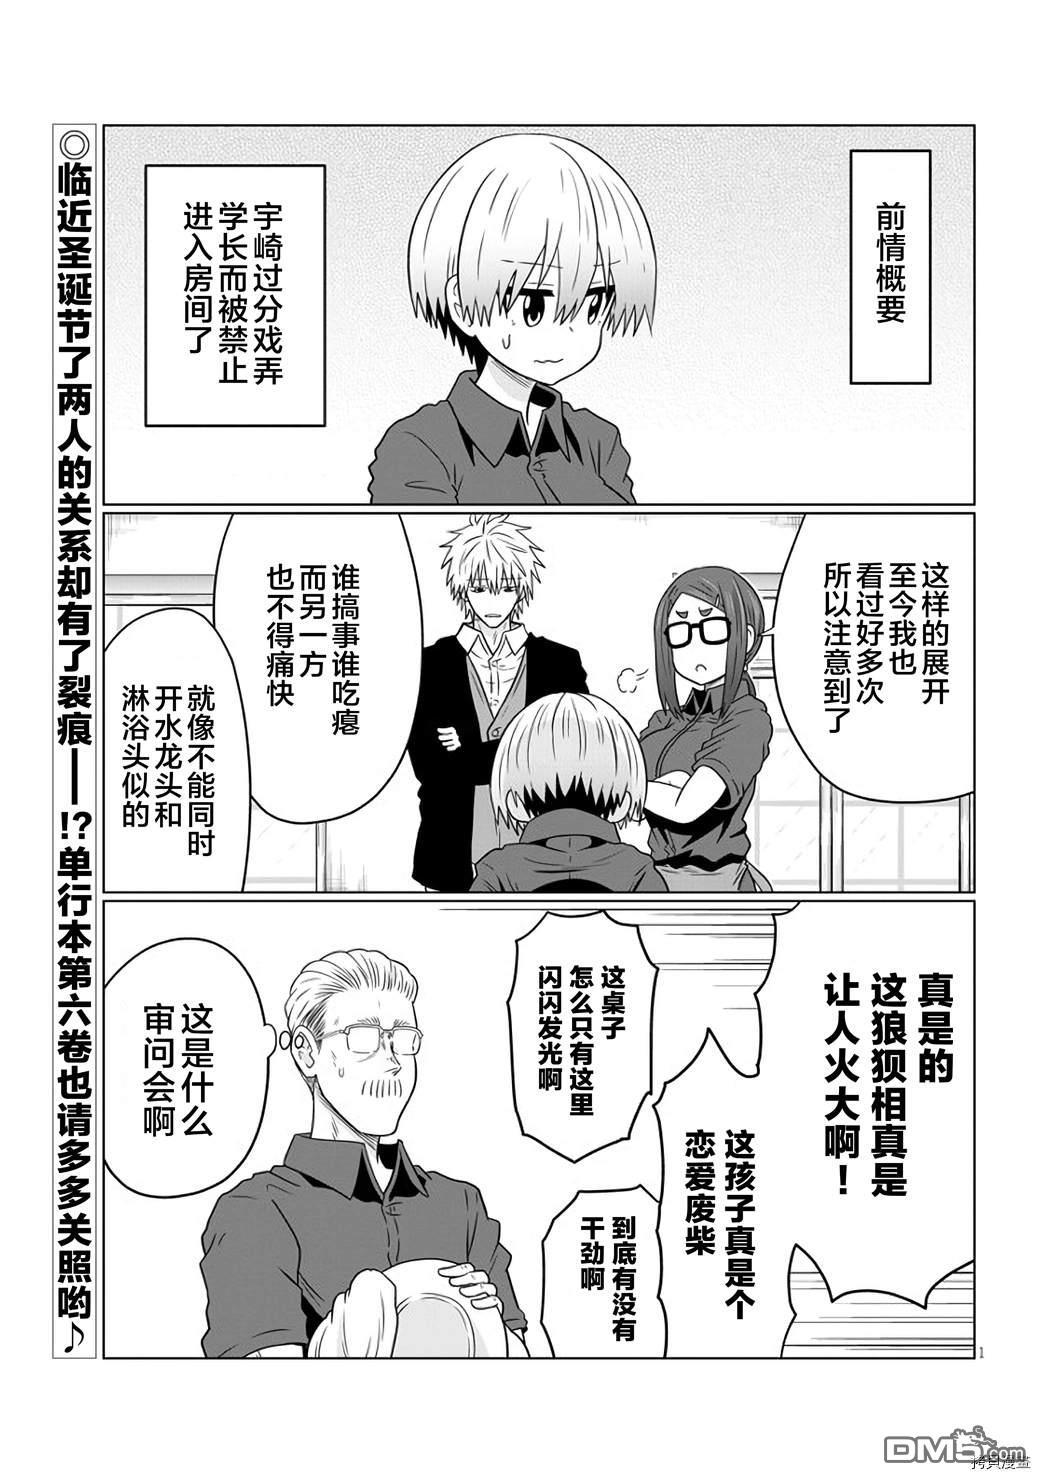 【漫画更新】宇崎酱想要玩耍64~65-小柚妹站